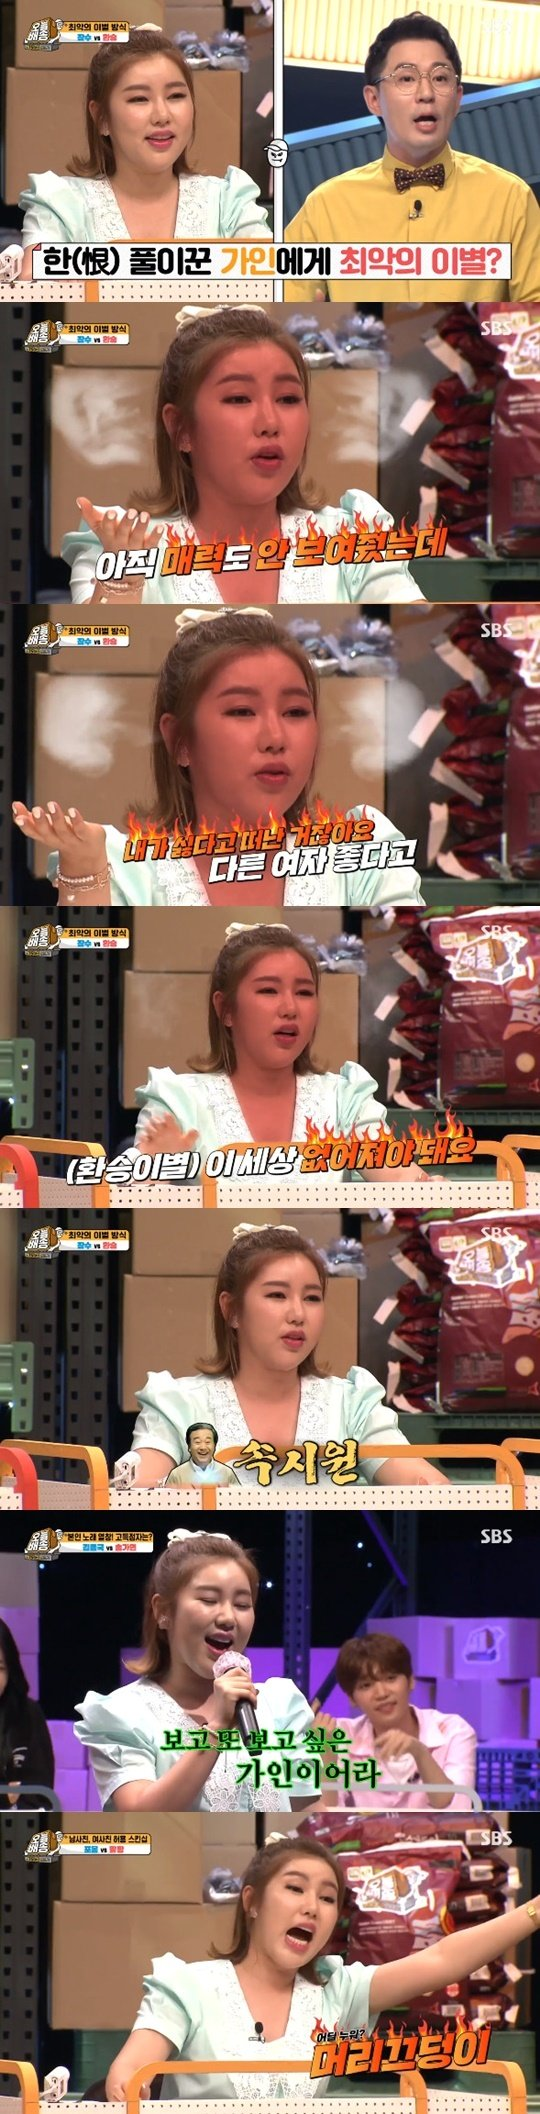 SBS '정답누설 퀴즈쇼 - 오늘 배송' © 뉴스1